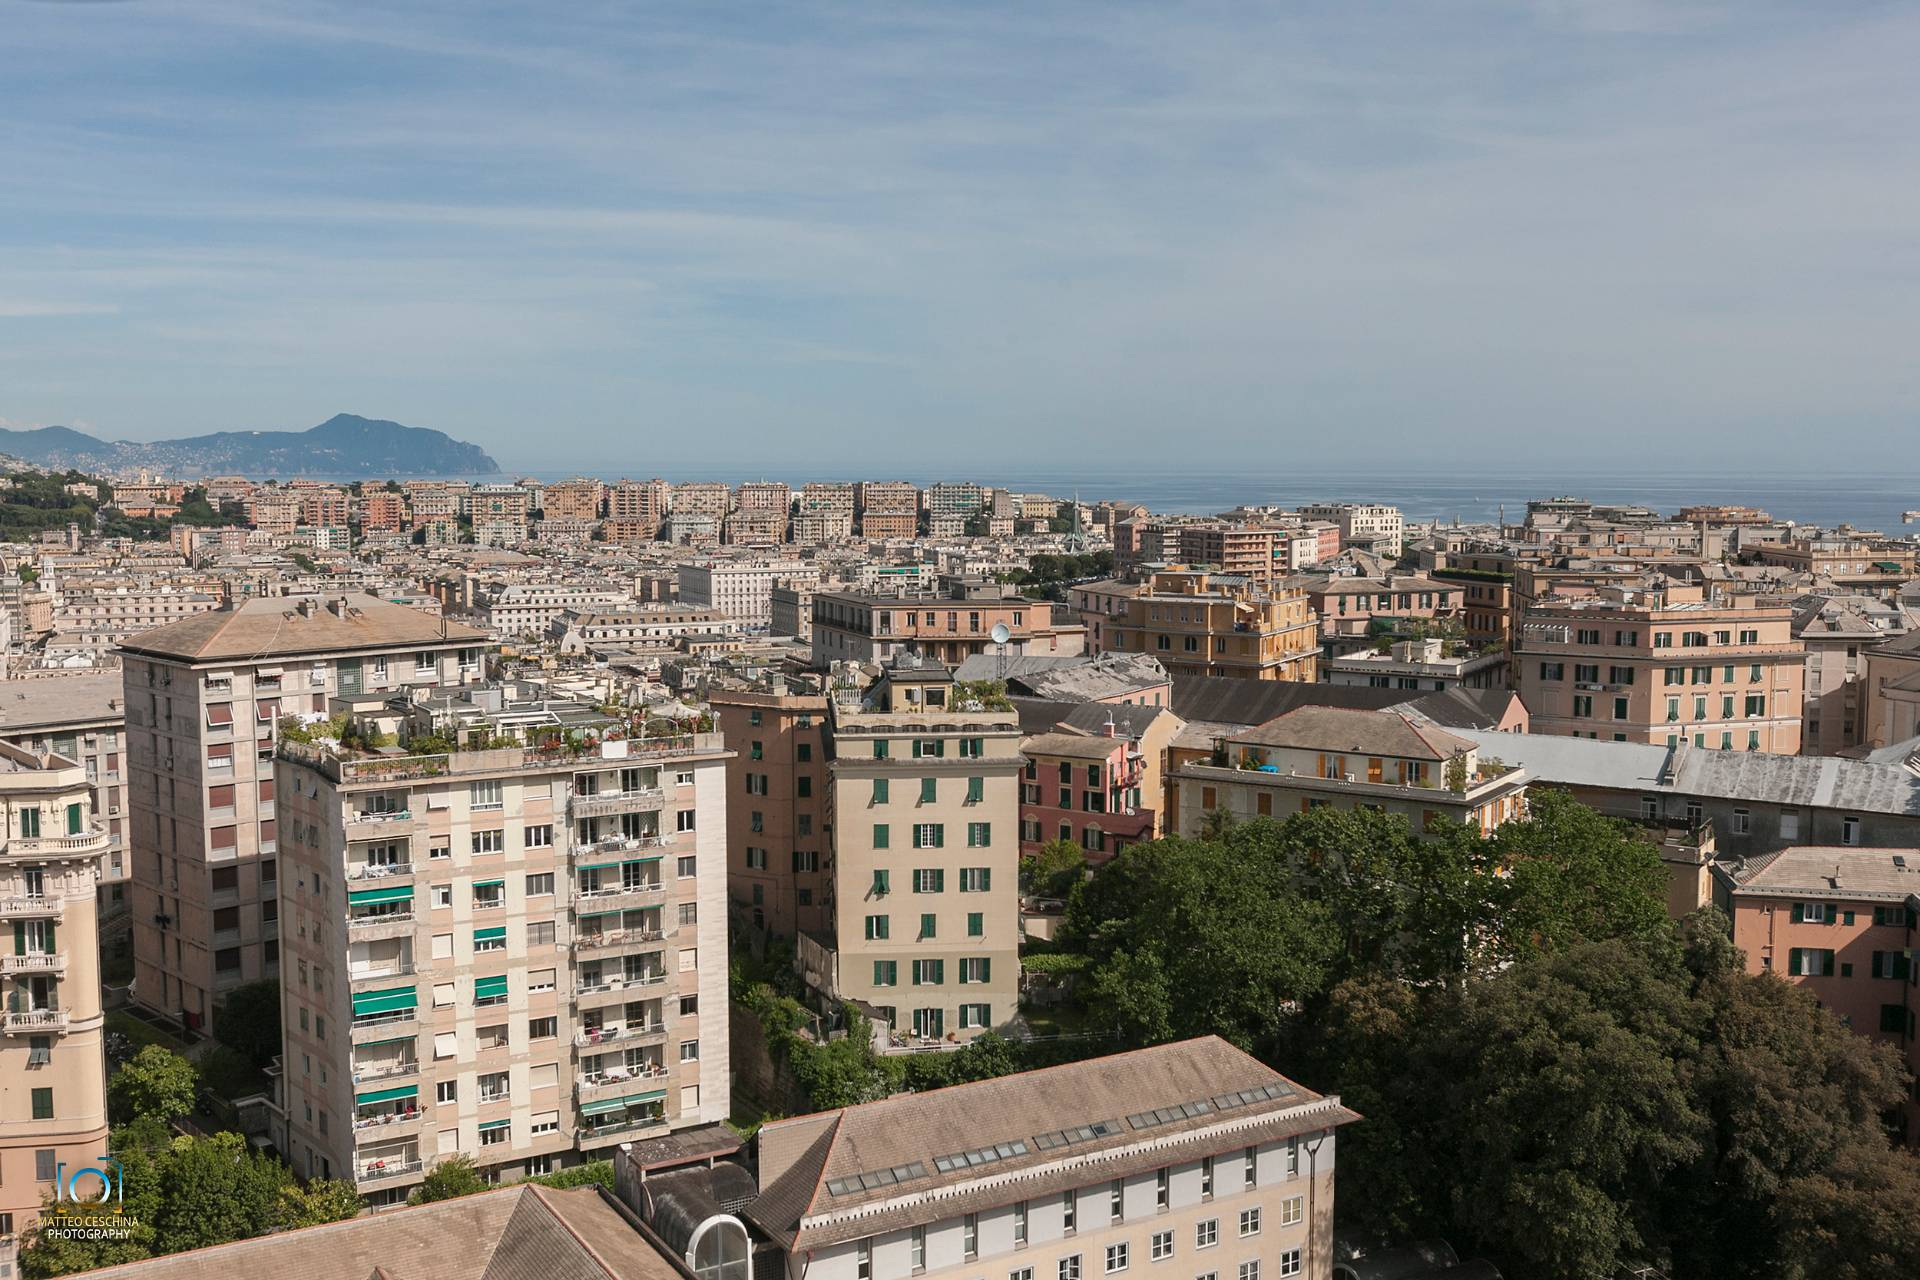 agenzia immobiliare genova centro storico